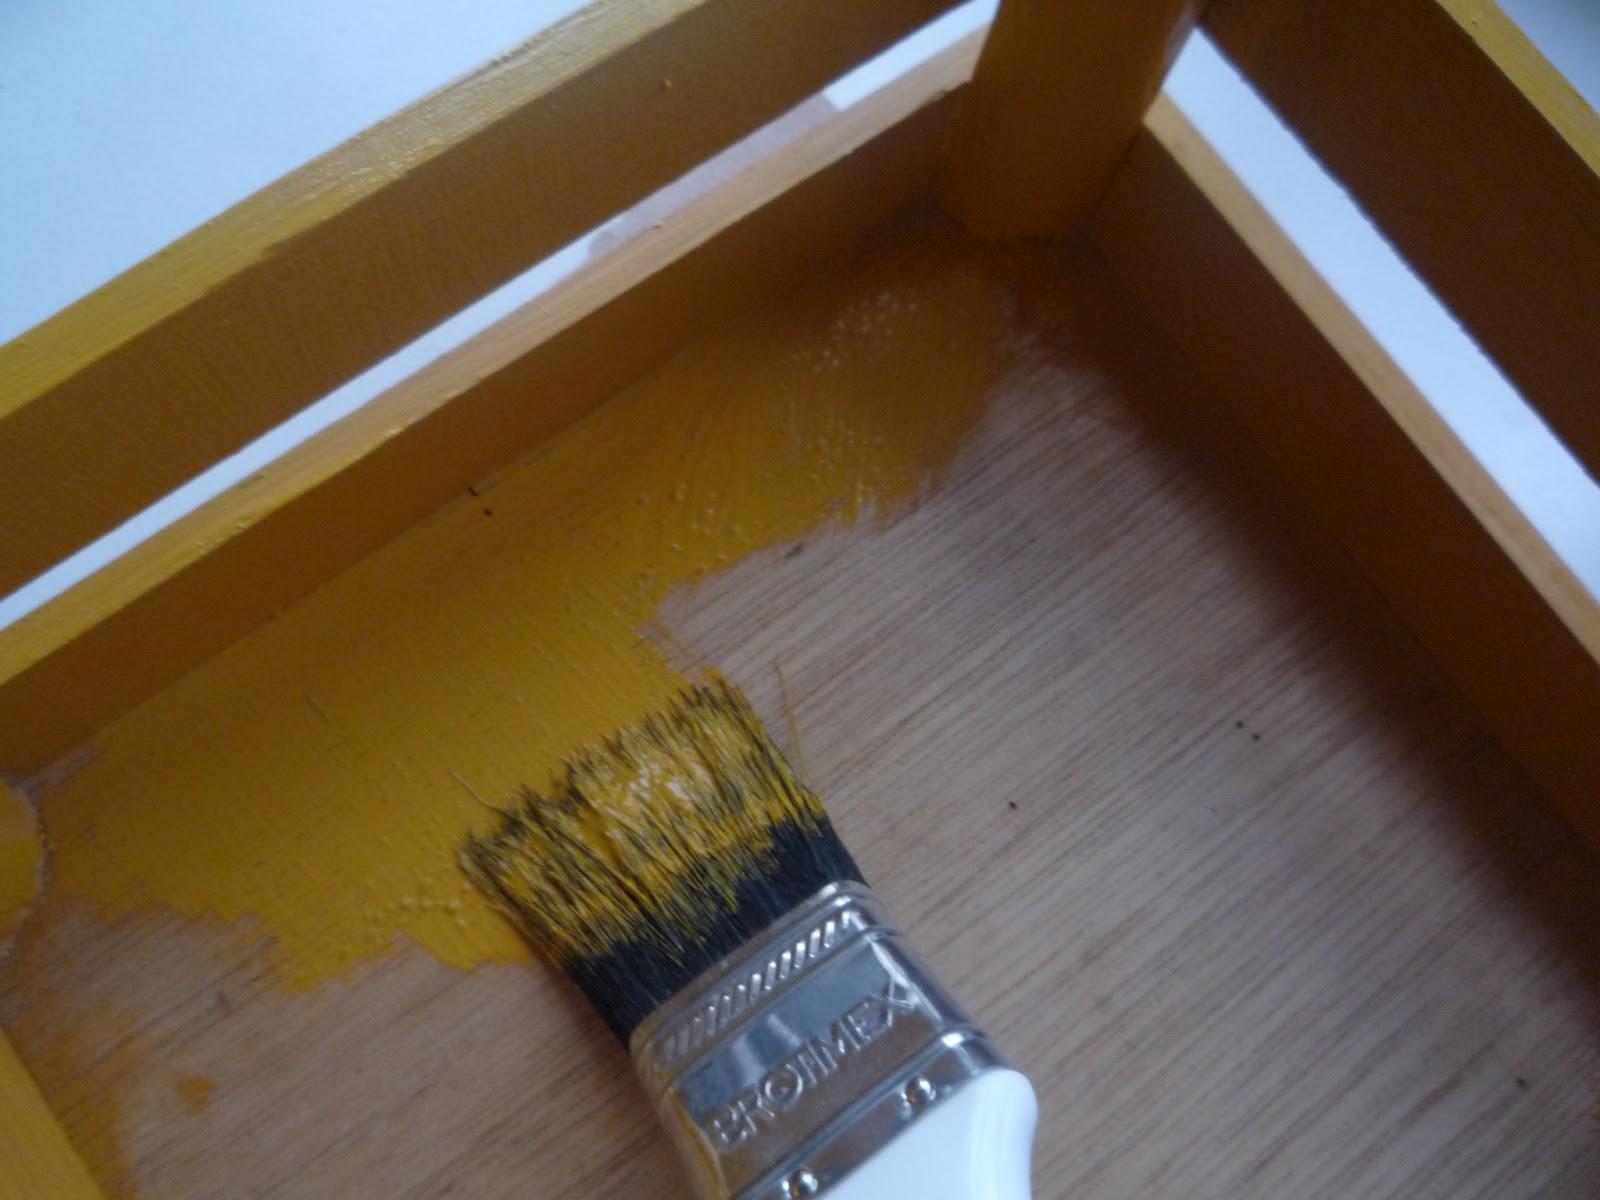 Brenda g malo recicla decora y reutiliza decorando con - Pintura dorada para madera ...